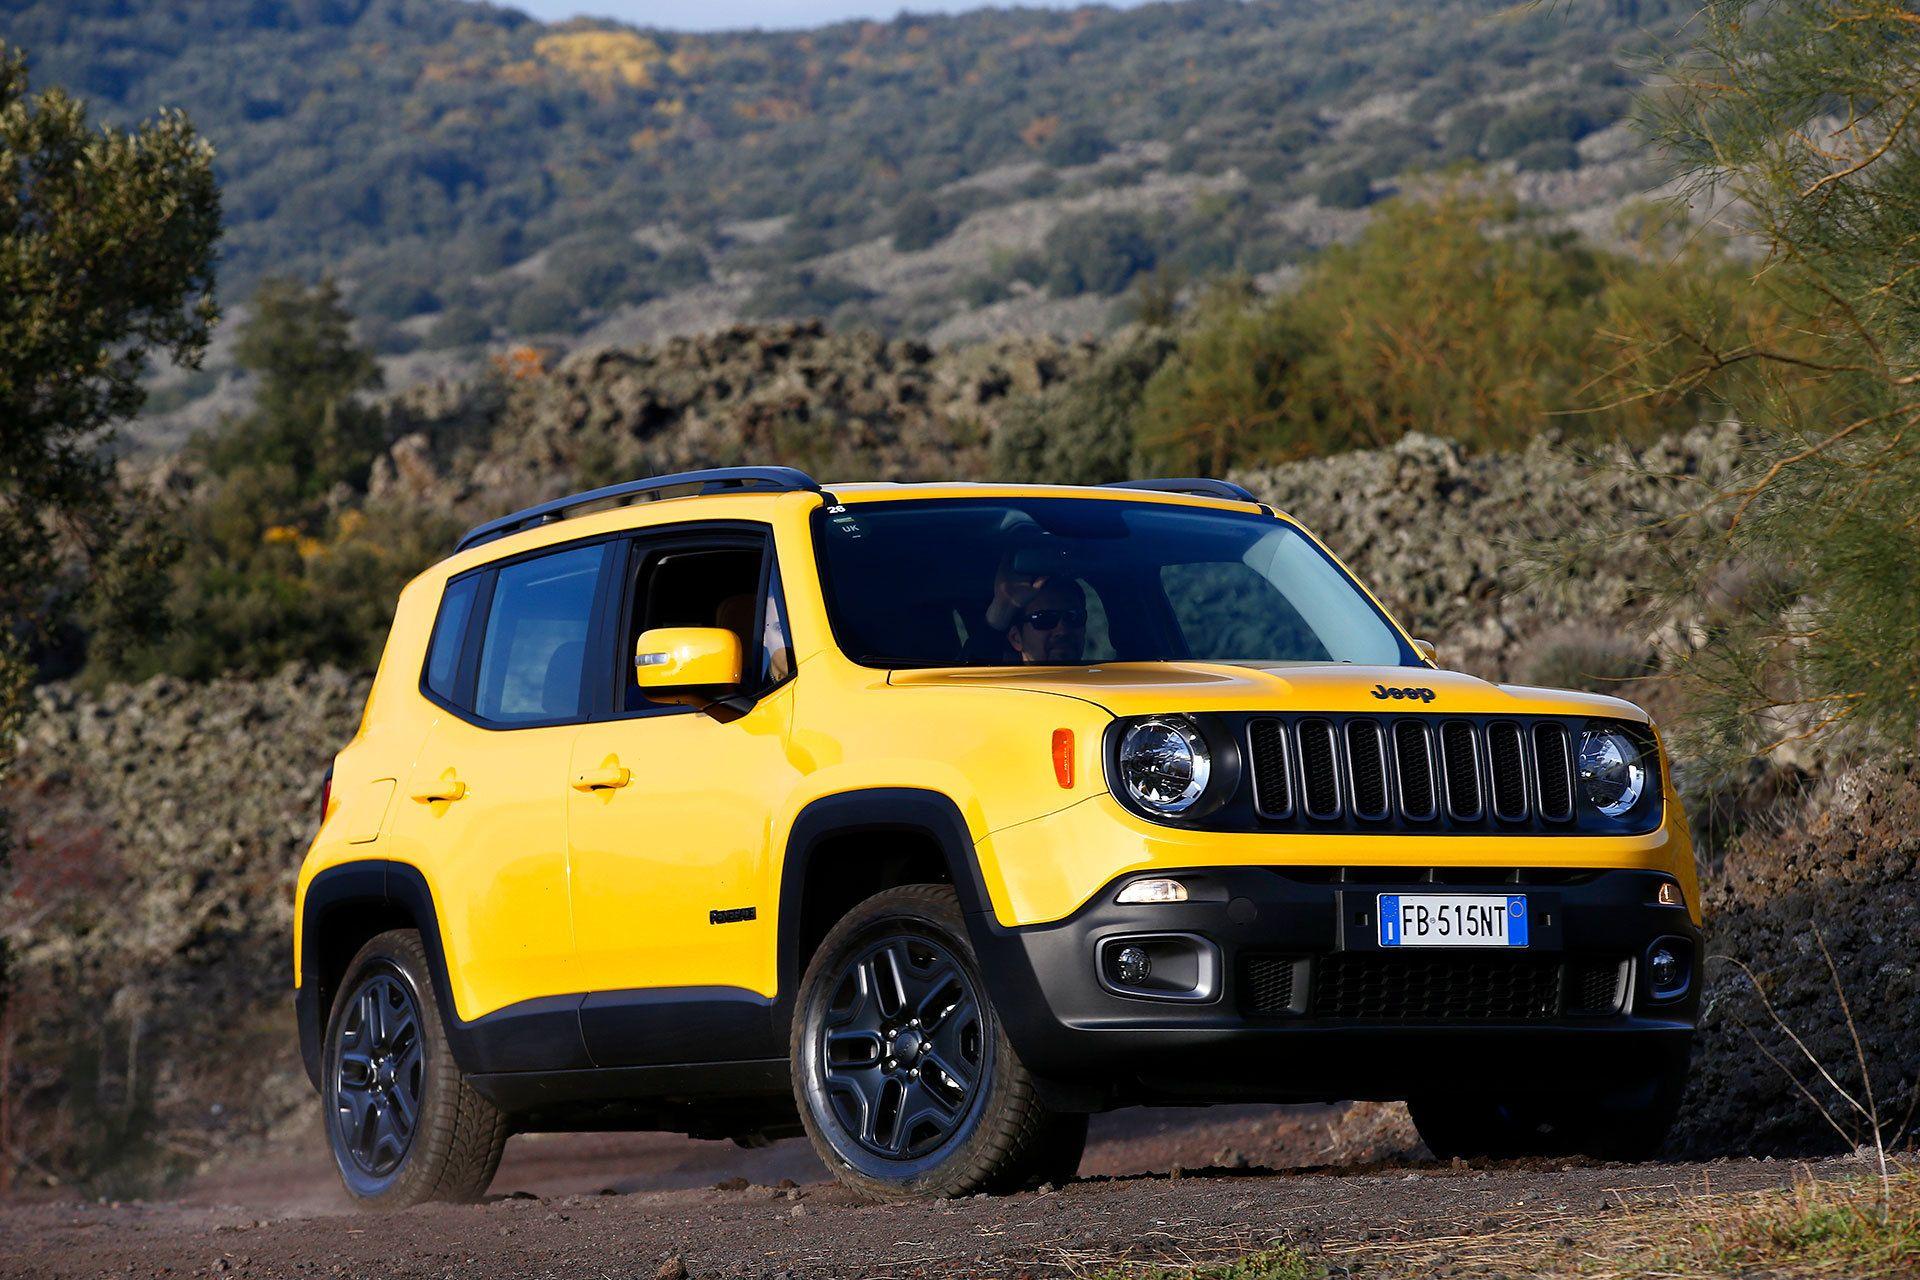 El Nuevo Jeep Renegade Prescindira De Diesel Para Disponer De Hibrido Enchufable Y Electrico Jeep Renegade Jeep